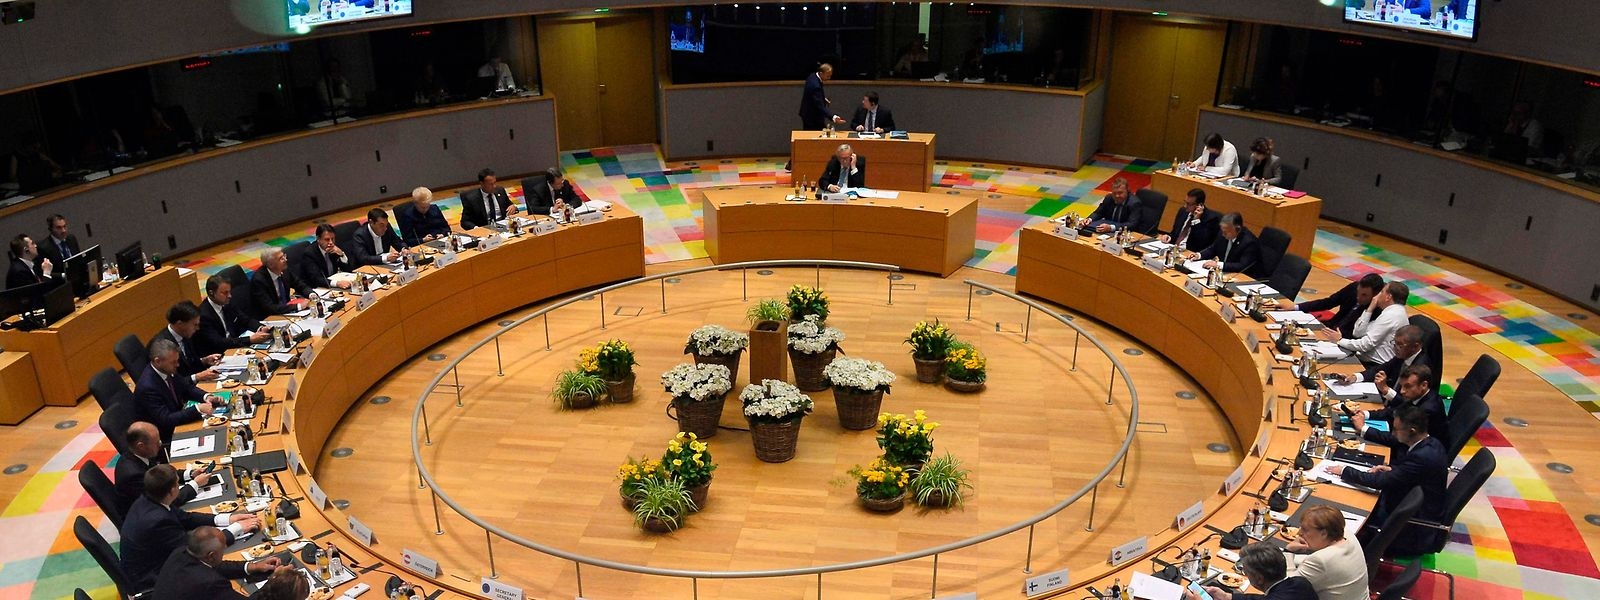 Die EU-Runde, die die bis 2050 angestrebte Klimaneutralität in eine Fußnote verbannte.